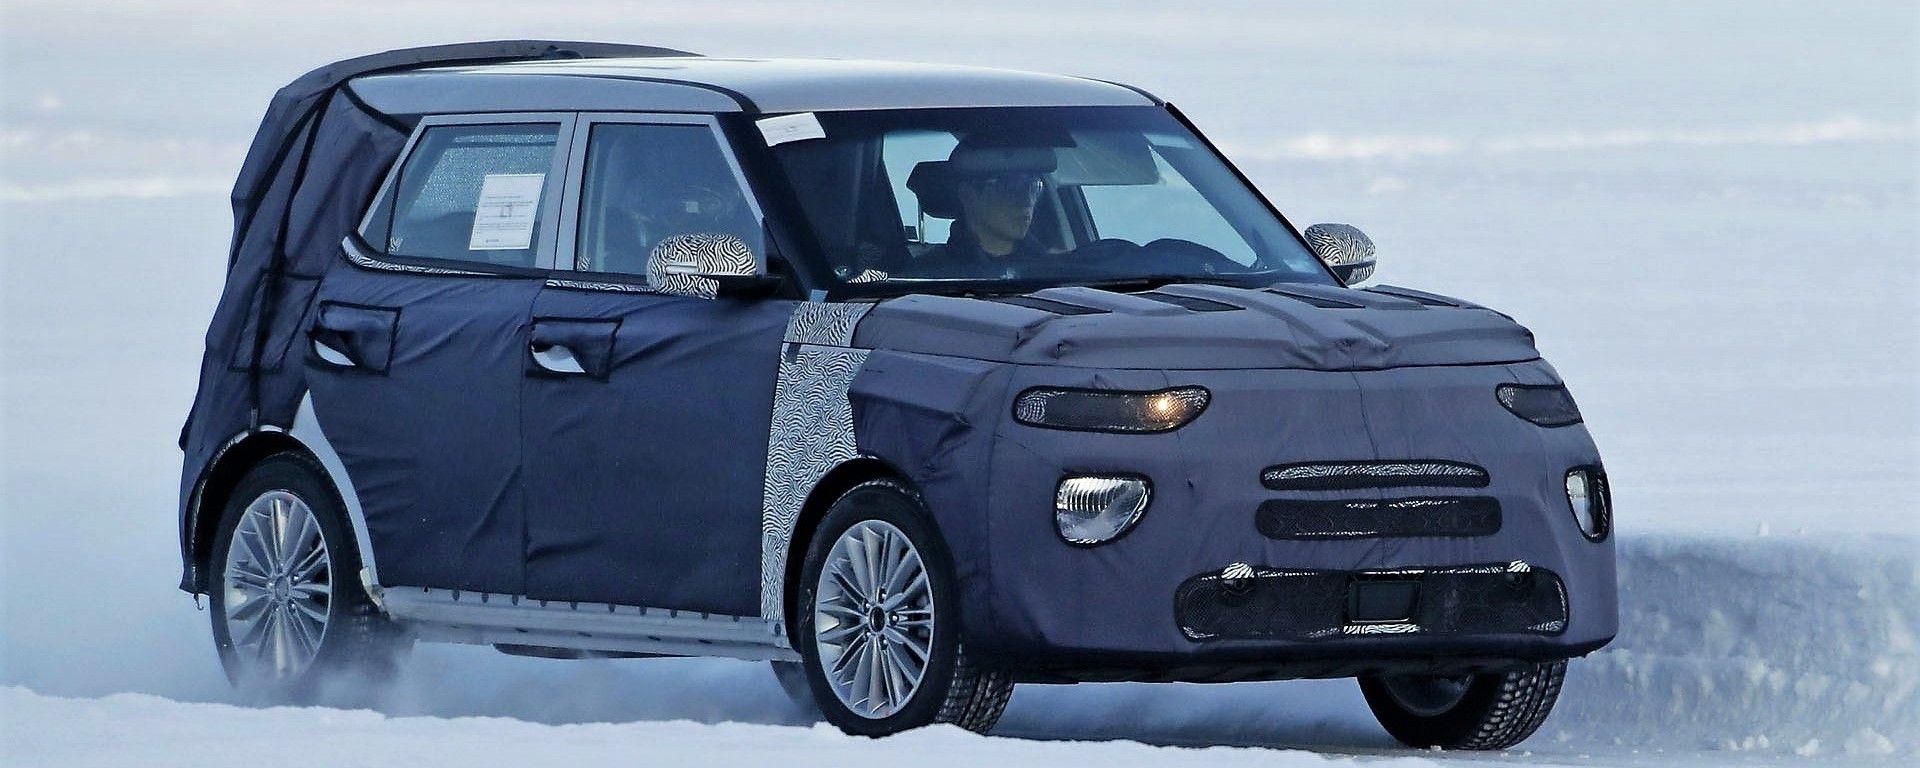 Nuova Kia Soul: nel 2019 la nuova generazione per l'auto ...